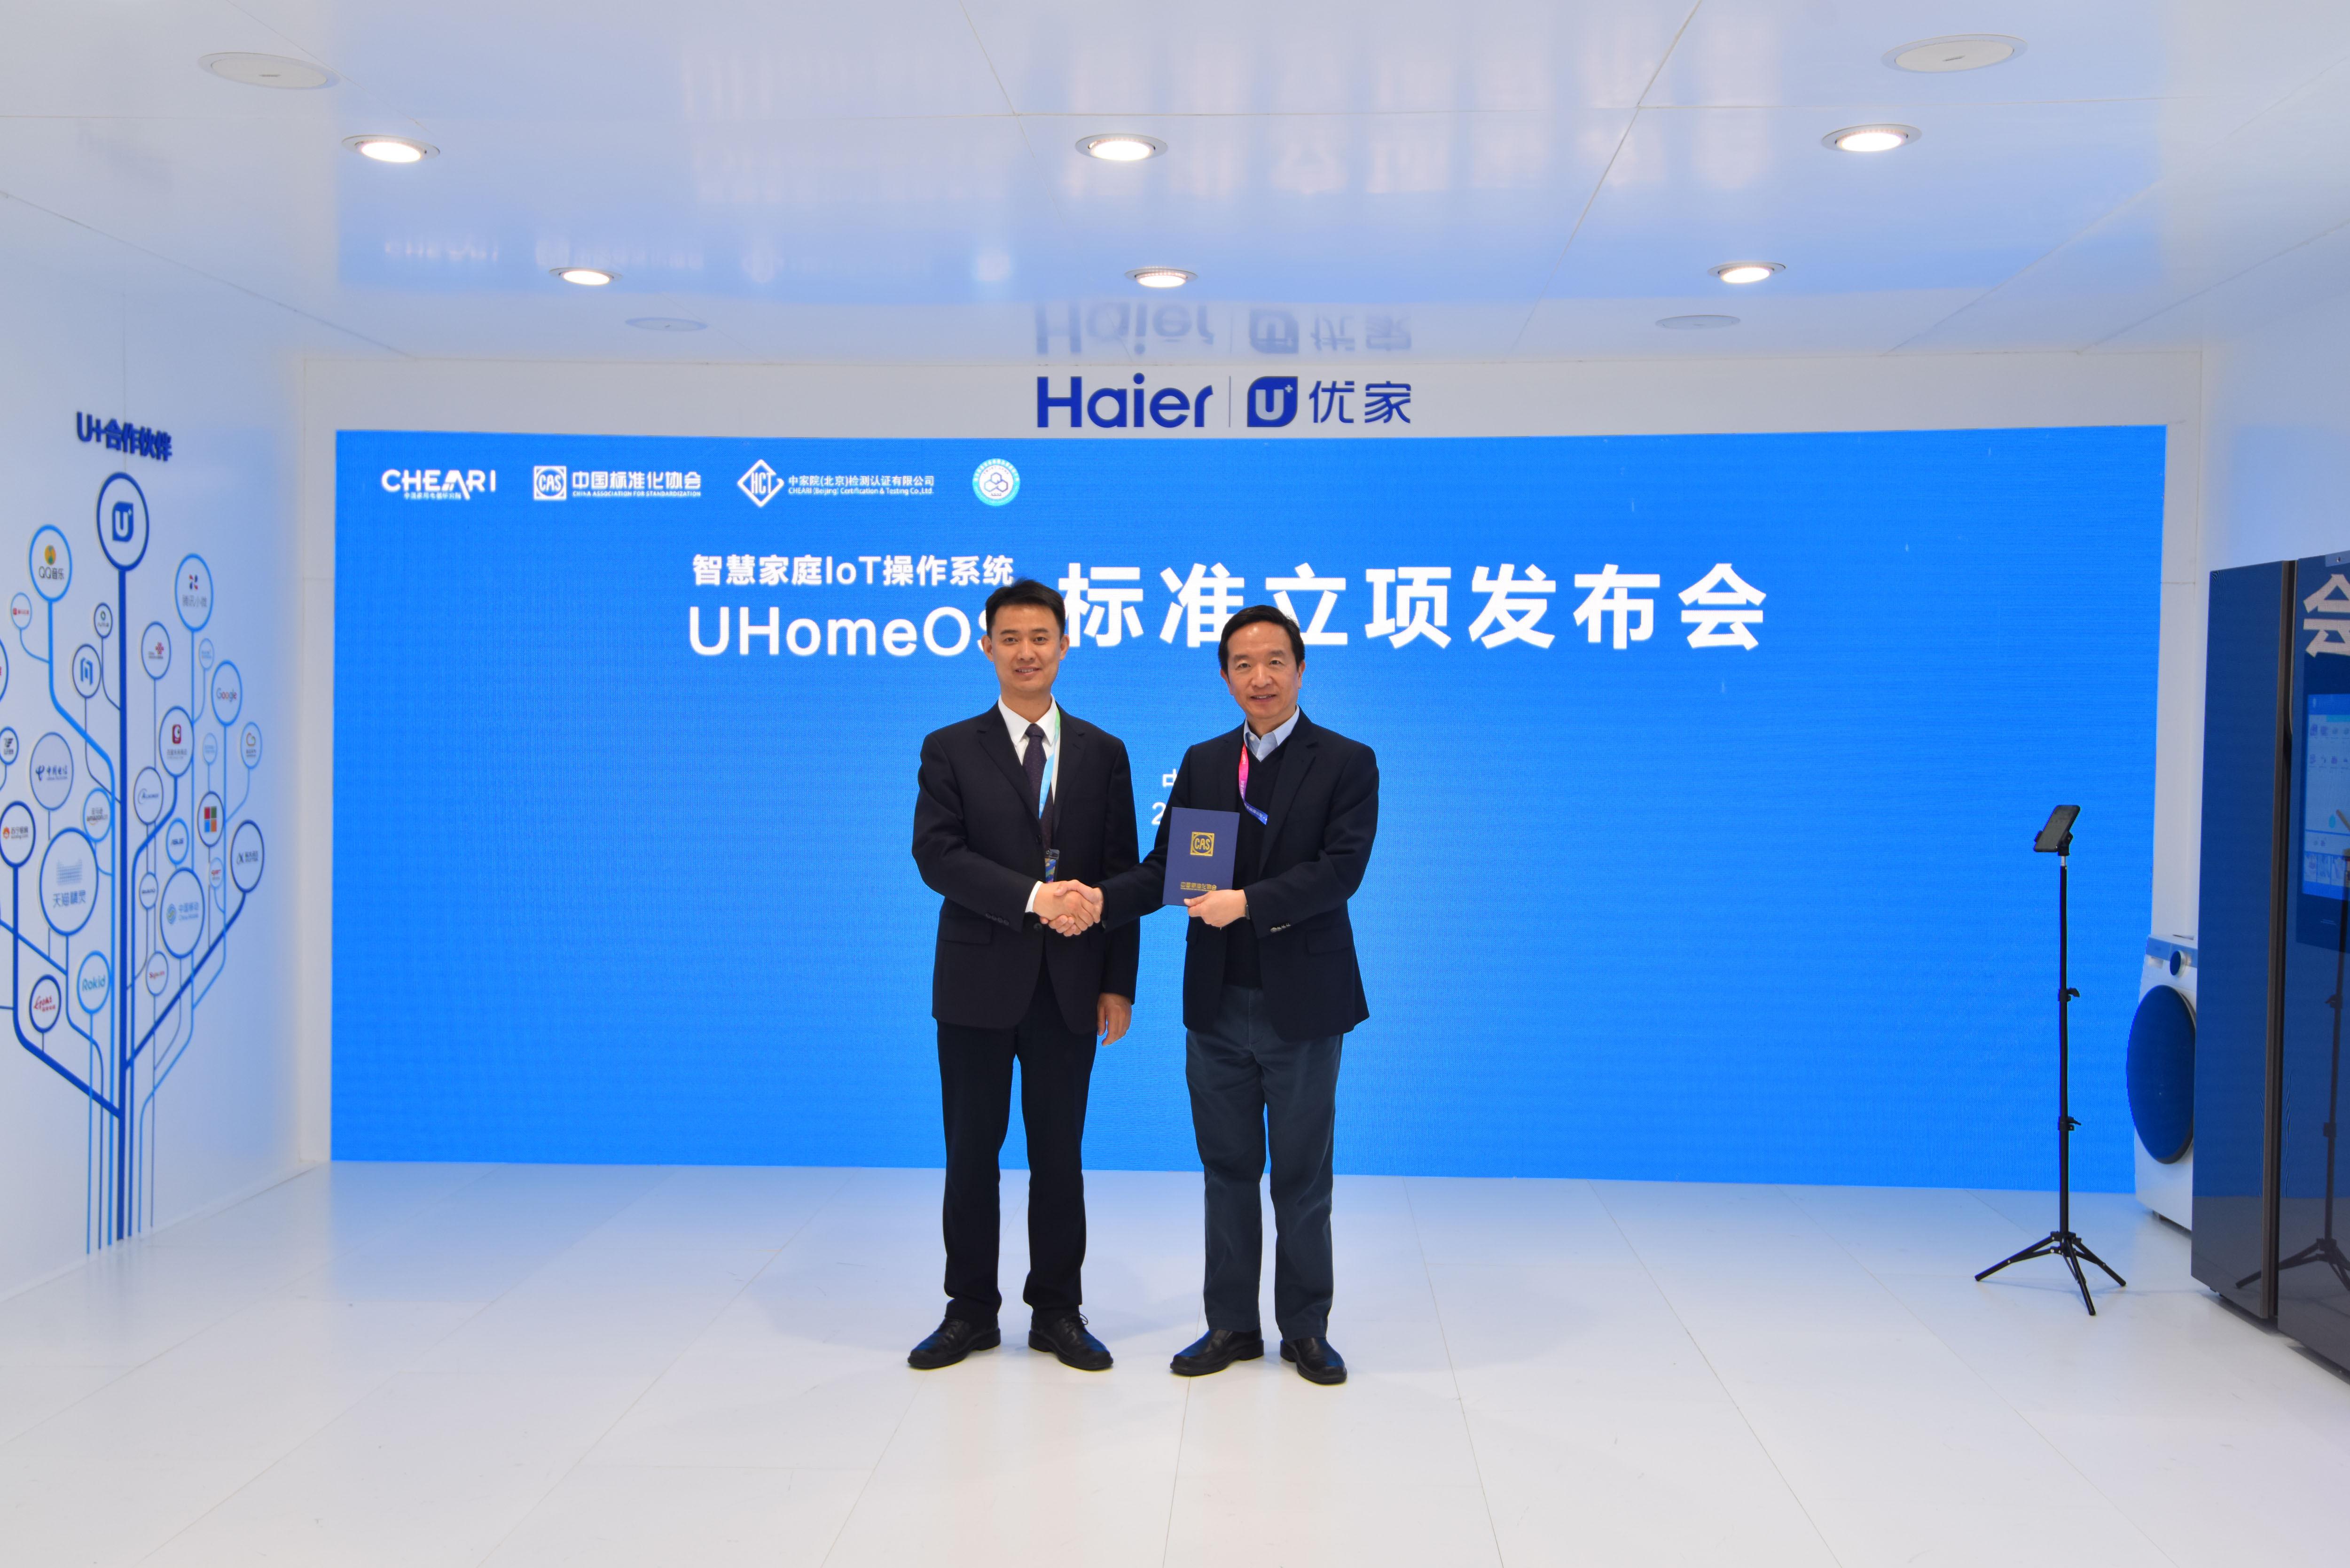 海尔U+又领跑 主导首个智慧家庭操作系统标准通过中国标准化协会立项